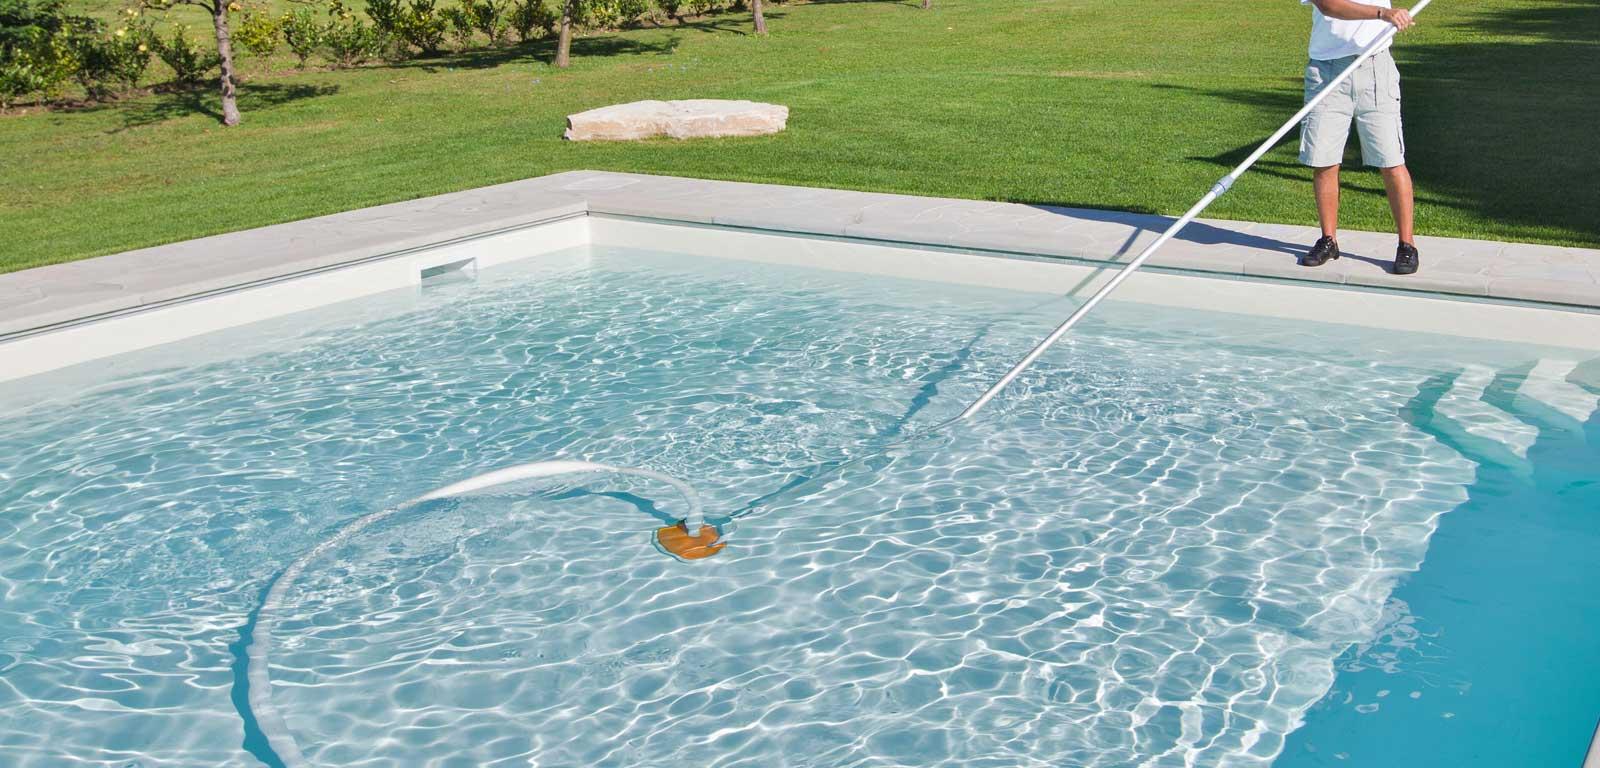 Accessori per piscina hai pensato a tutto piscine for Accessori per piscine